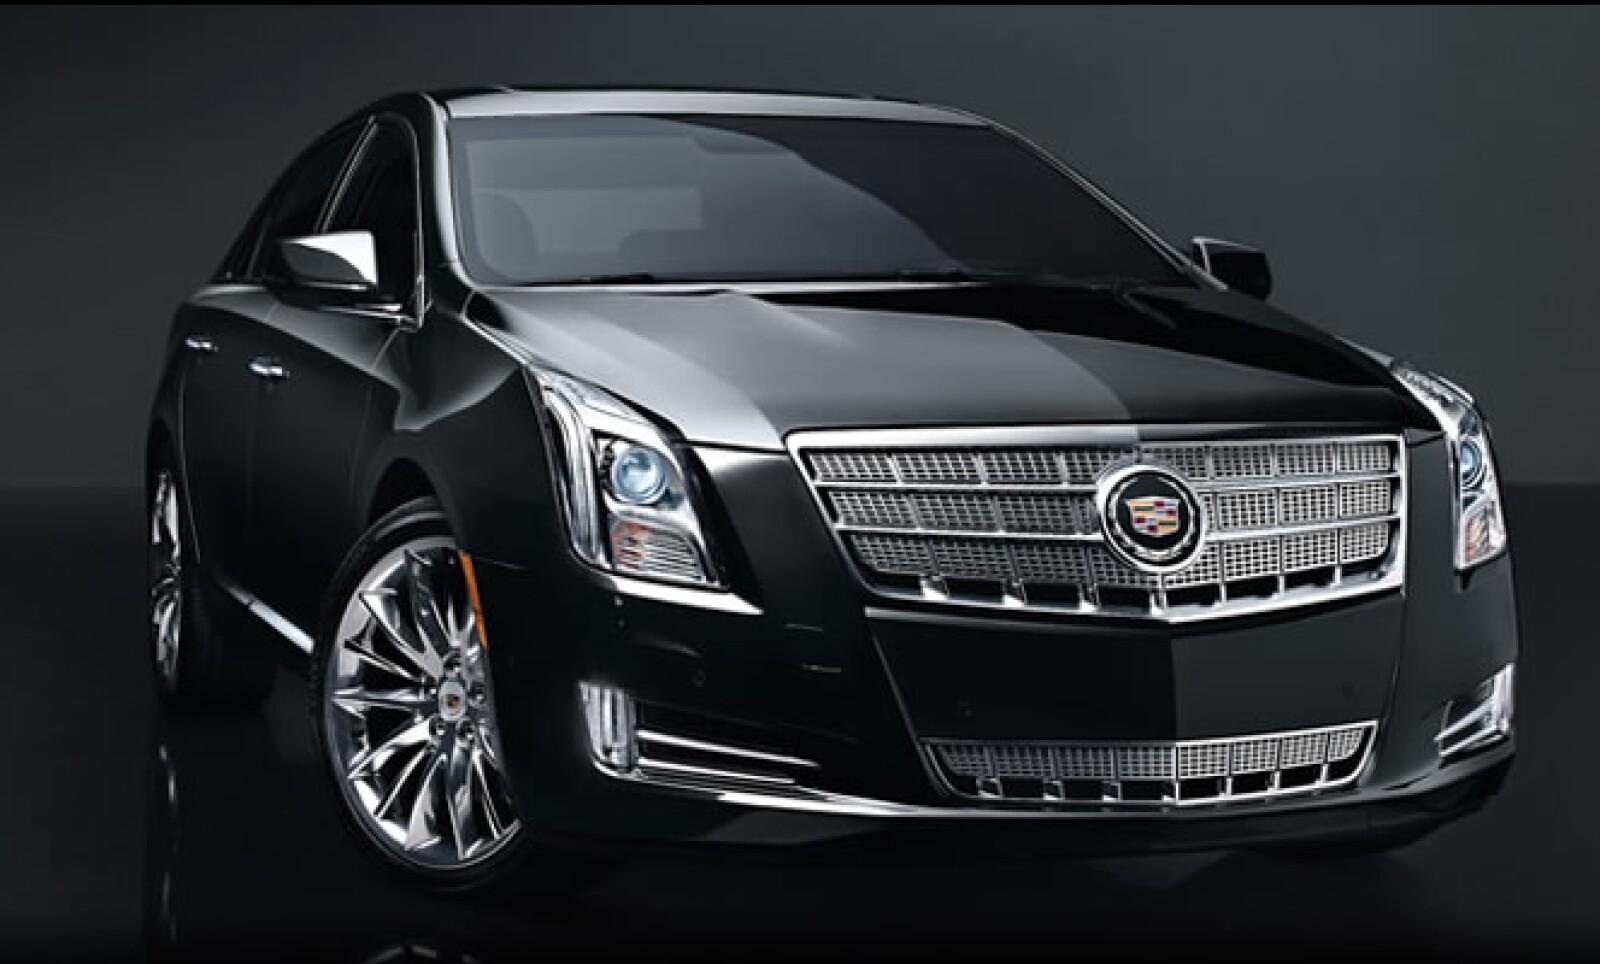 El modelo Cadillac XTS también podría presentar una falla en el sistema de ignición.